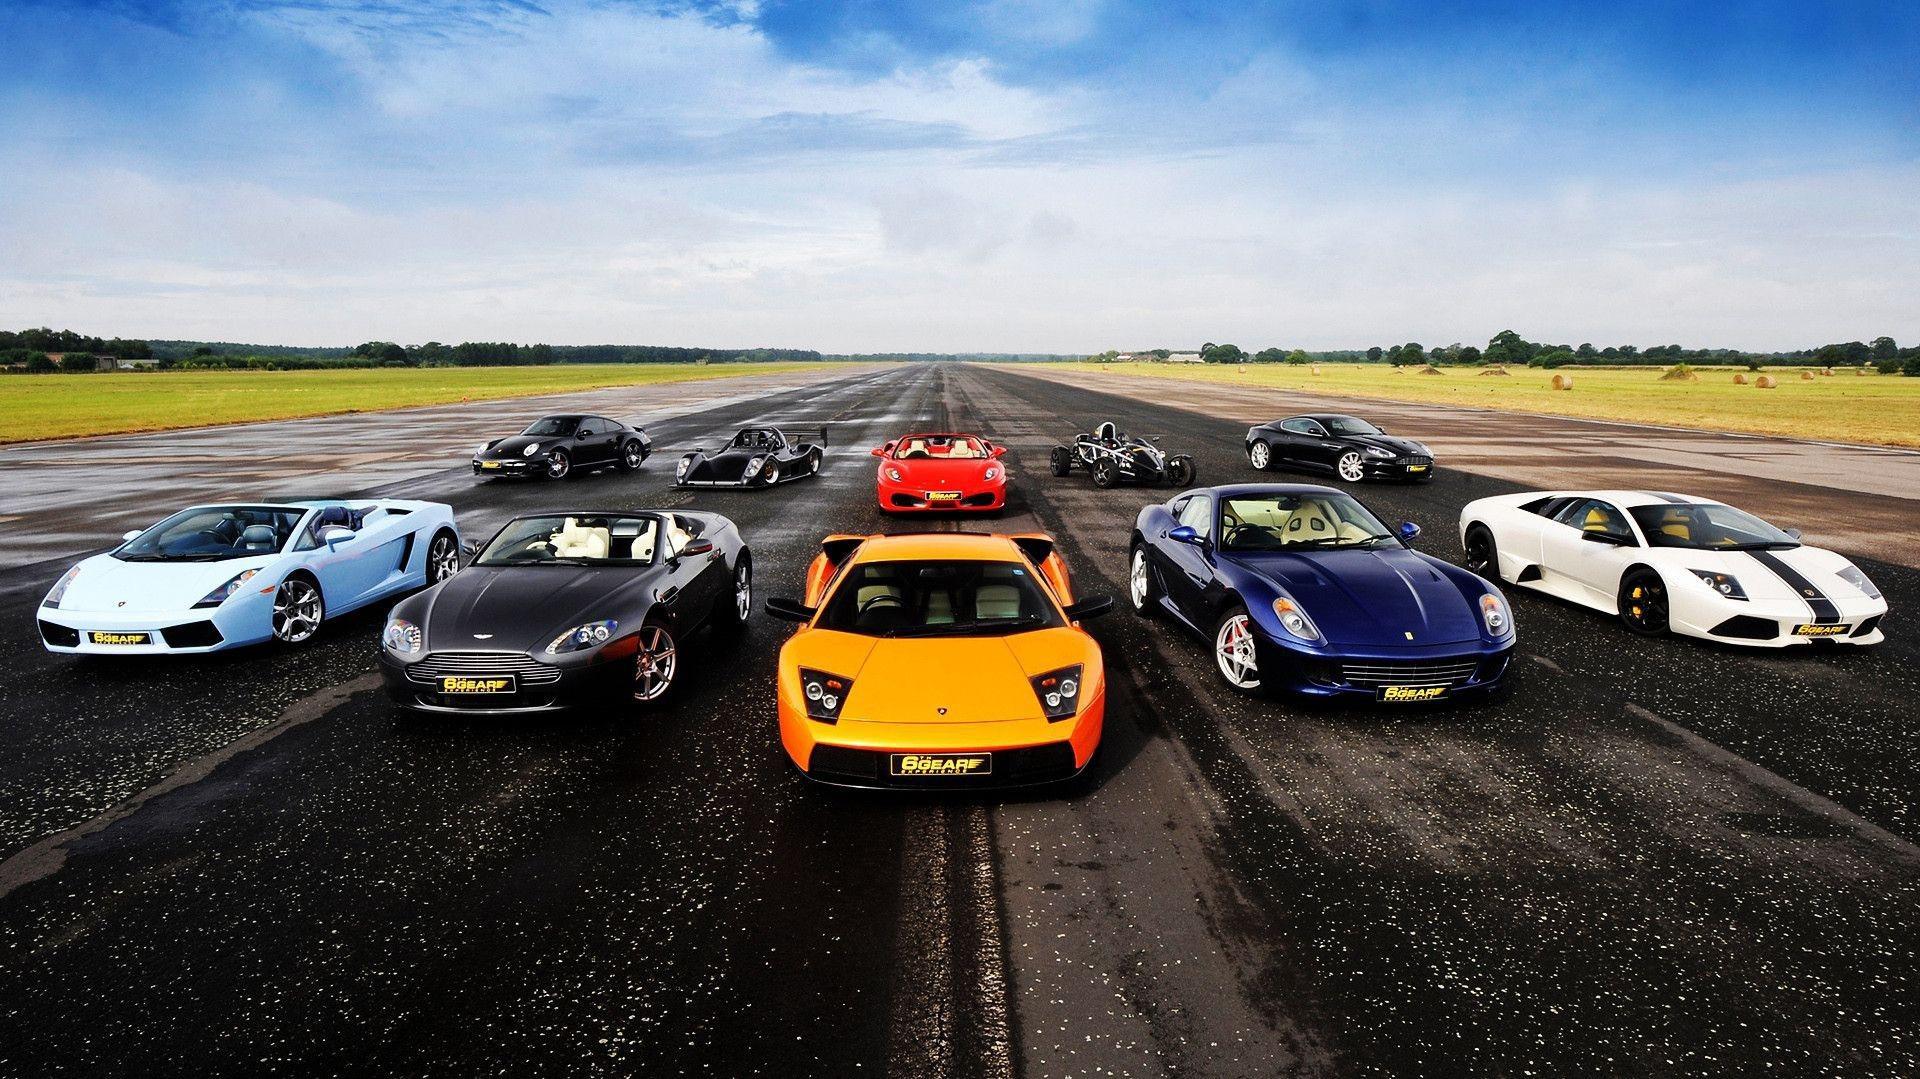 Các Tiểu vương quốc Ả Rập Thống nhất (UAE) được biết đến là một trong những kinh đô siêu xe thế giới